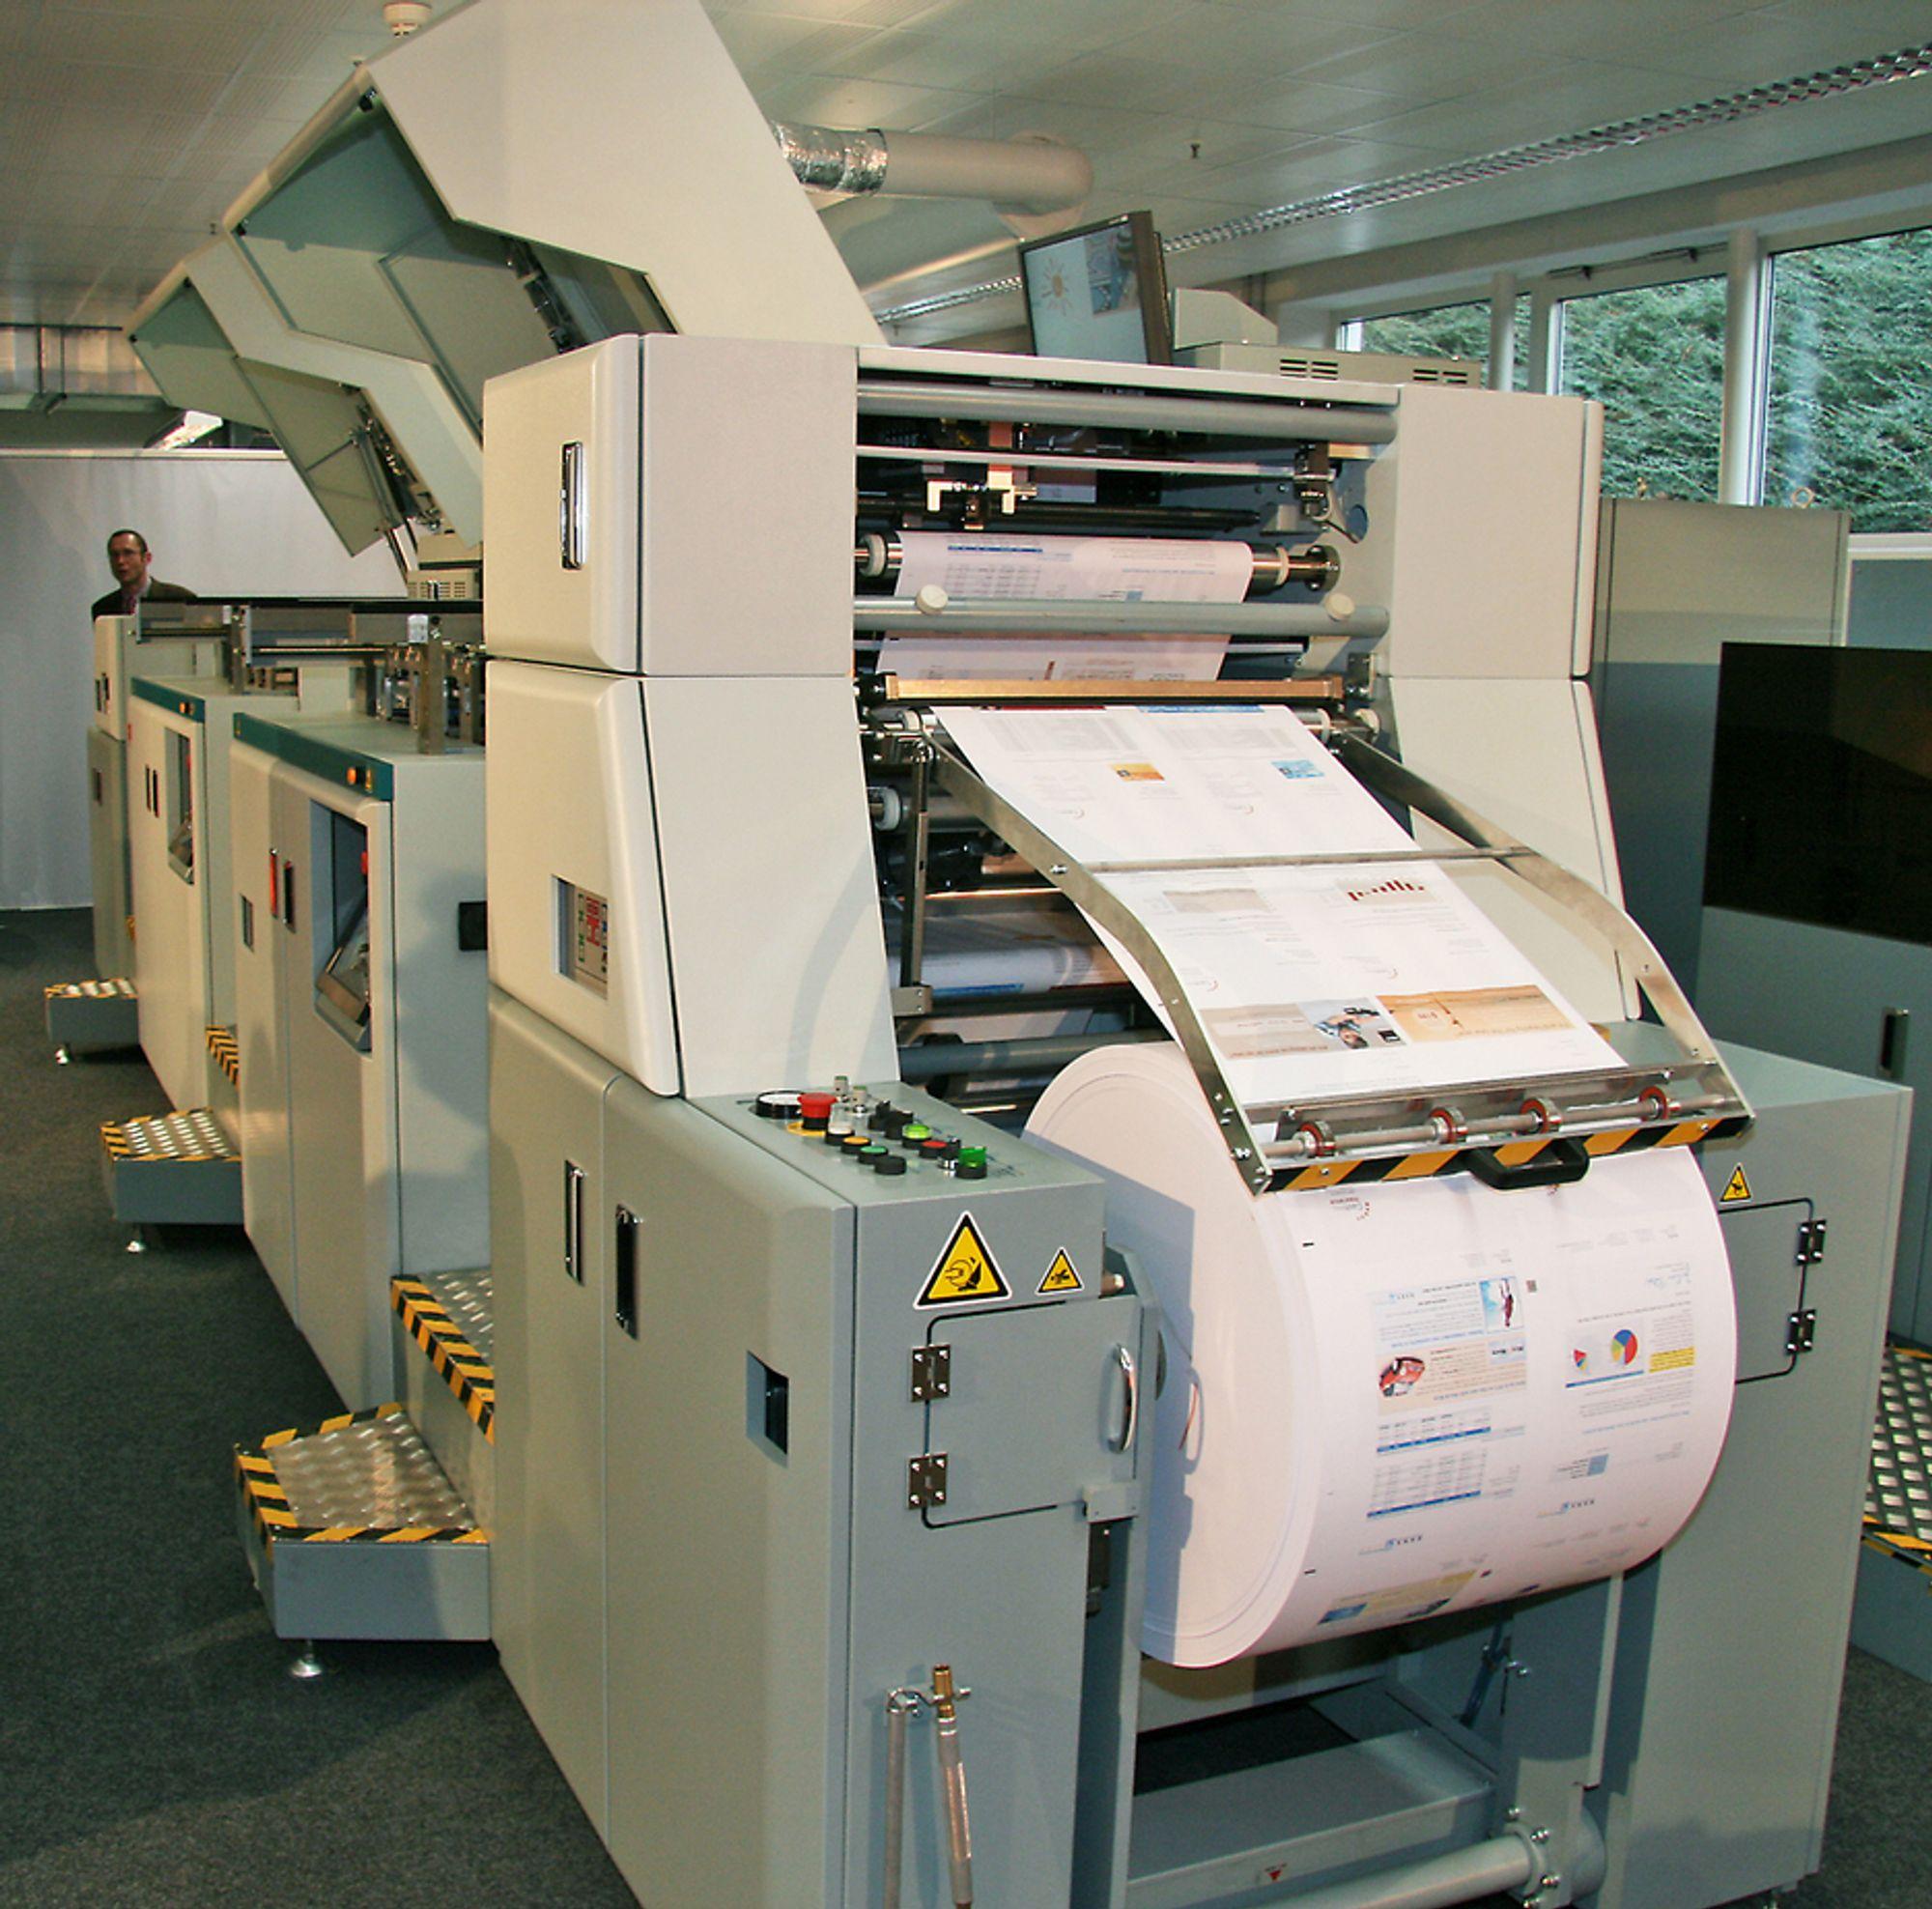 UTFORDRER: Denne maskinen kan bli en alvorlig utfordring offset-teknologien.